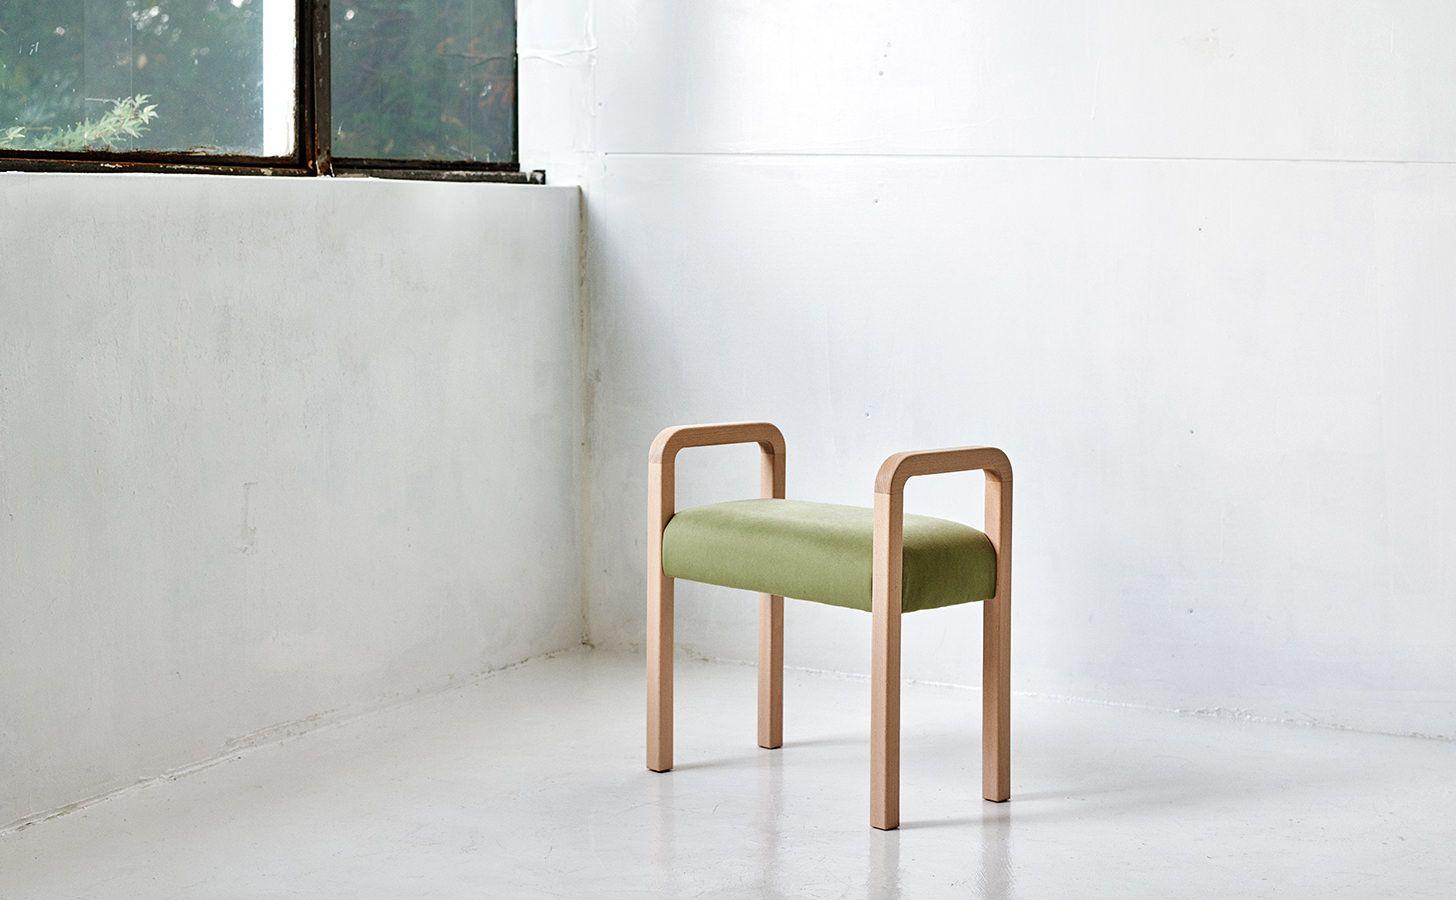 持ち運びを考慮したデザインのシンプルなスツールです。 軽量なため家の中のあらゆる場所に持ち運んでお使い頂けます。 また奥行きが浅いので置く場所を問いません。 玄関や廊下など比較的狭い場所で短時間だけ腰を掛ける時などにとても便利です。